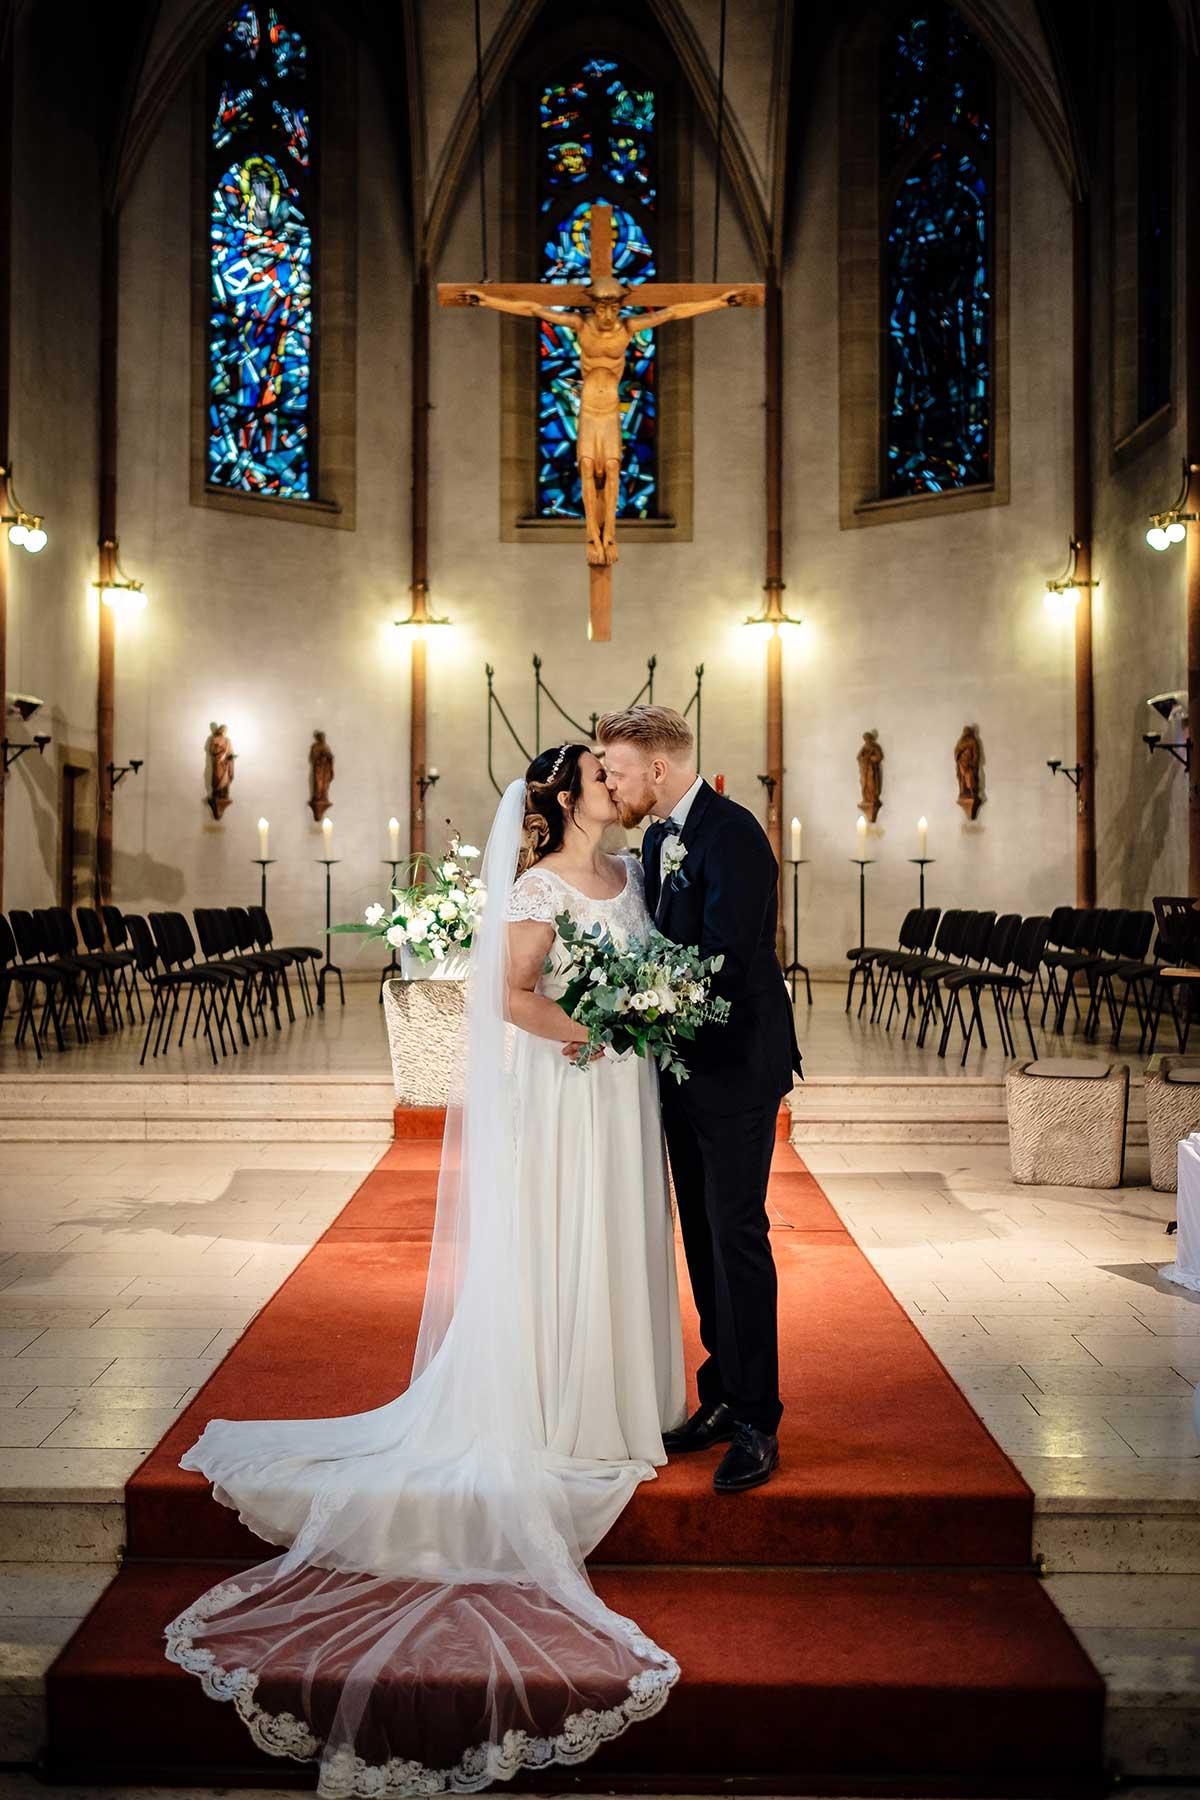 Braut und Bräutigam nach der Trauung in der Kirche